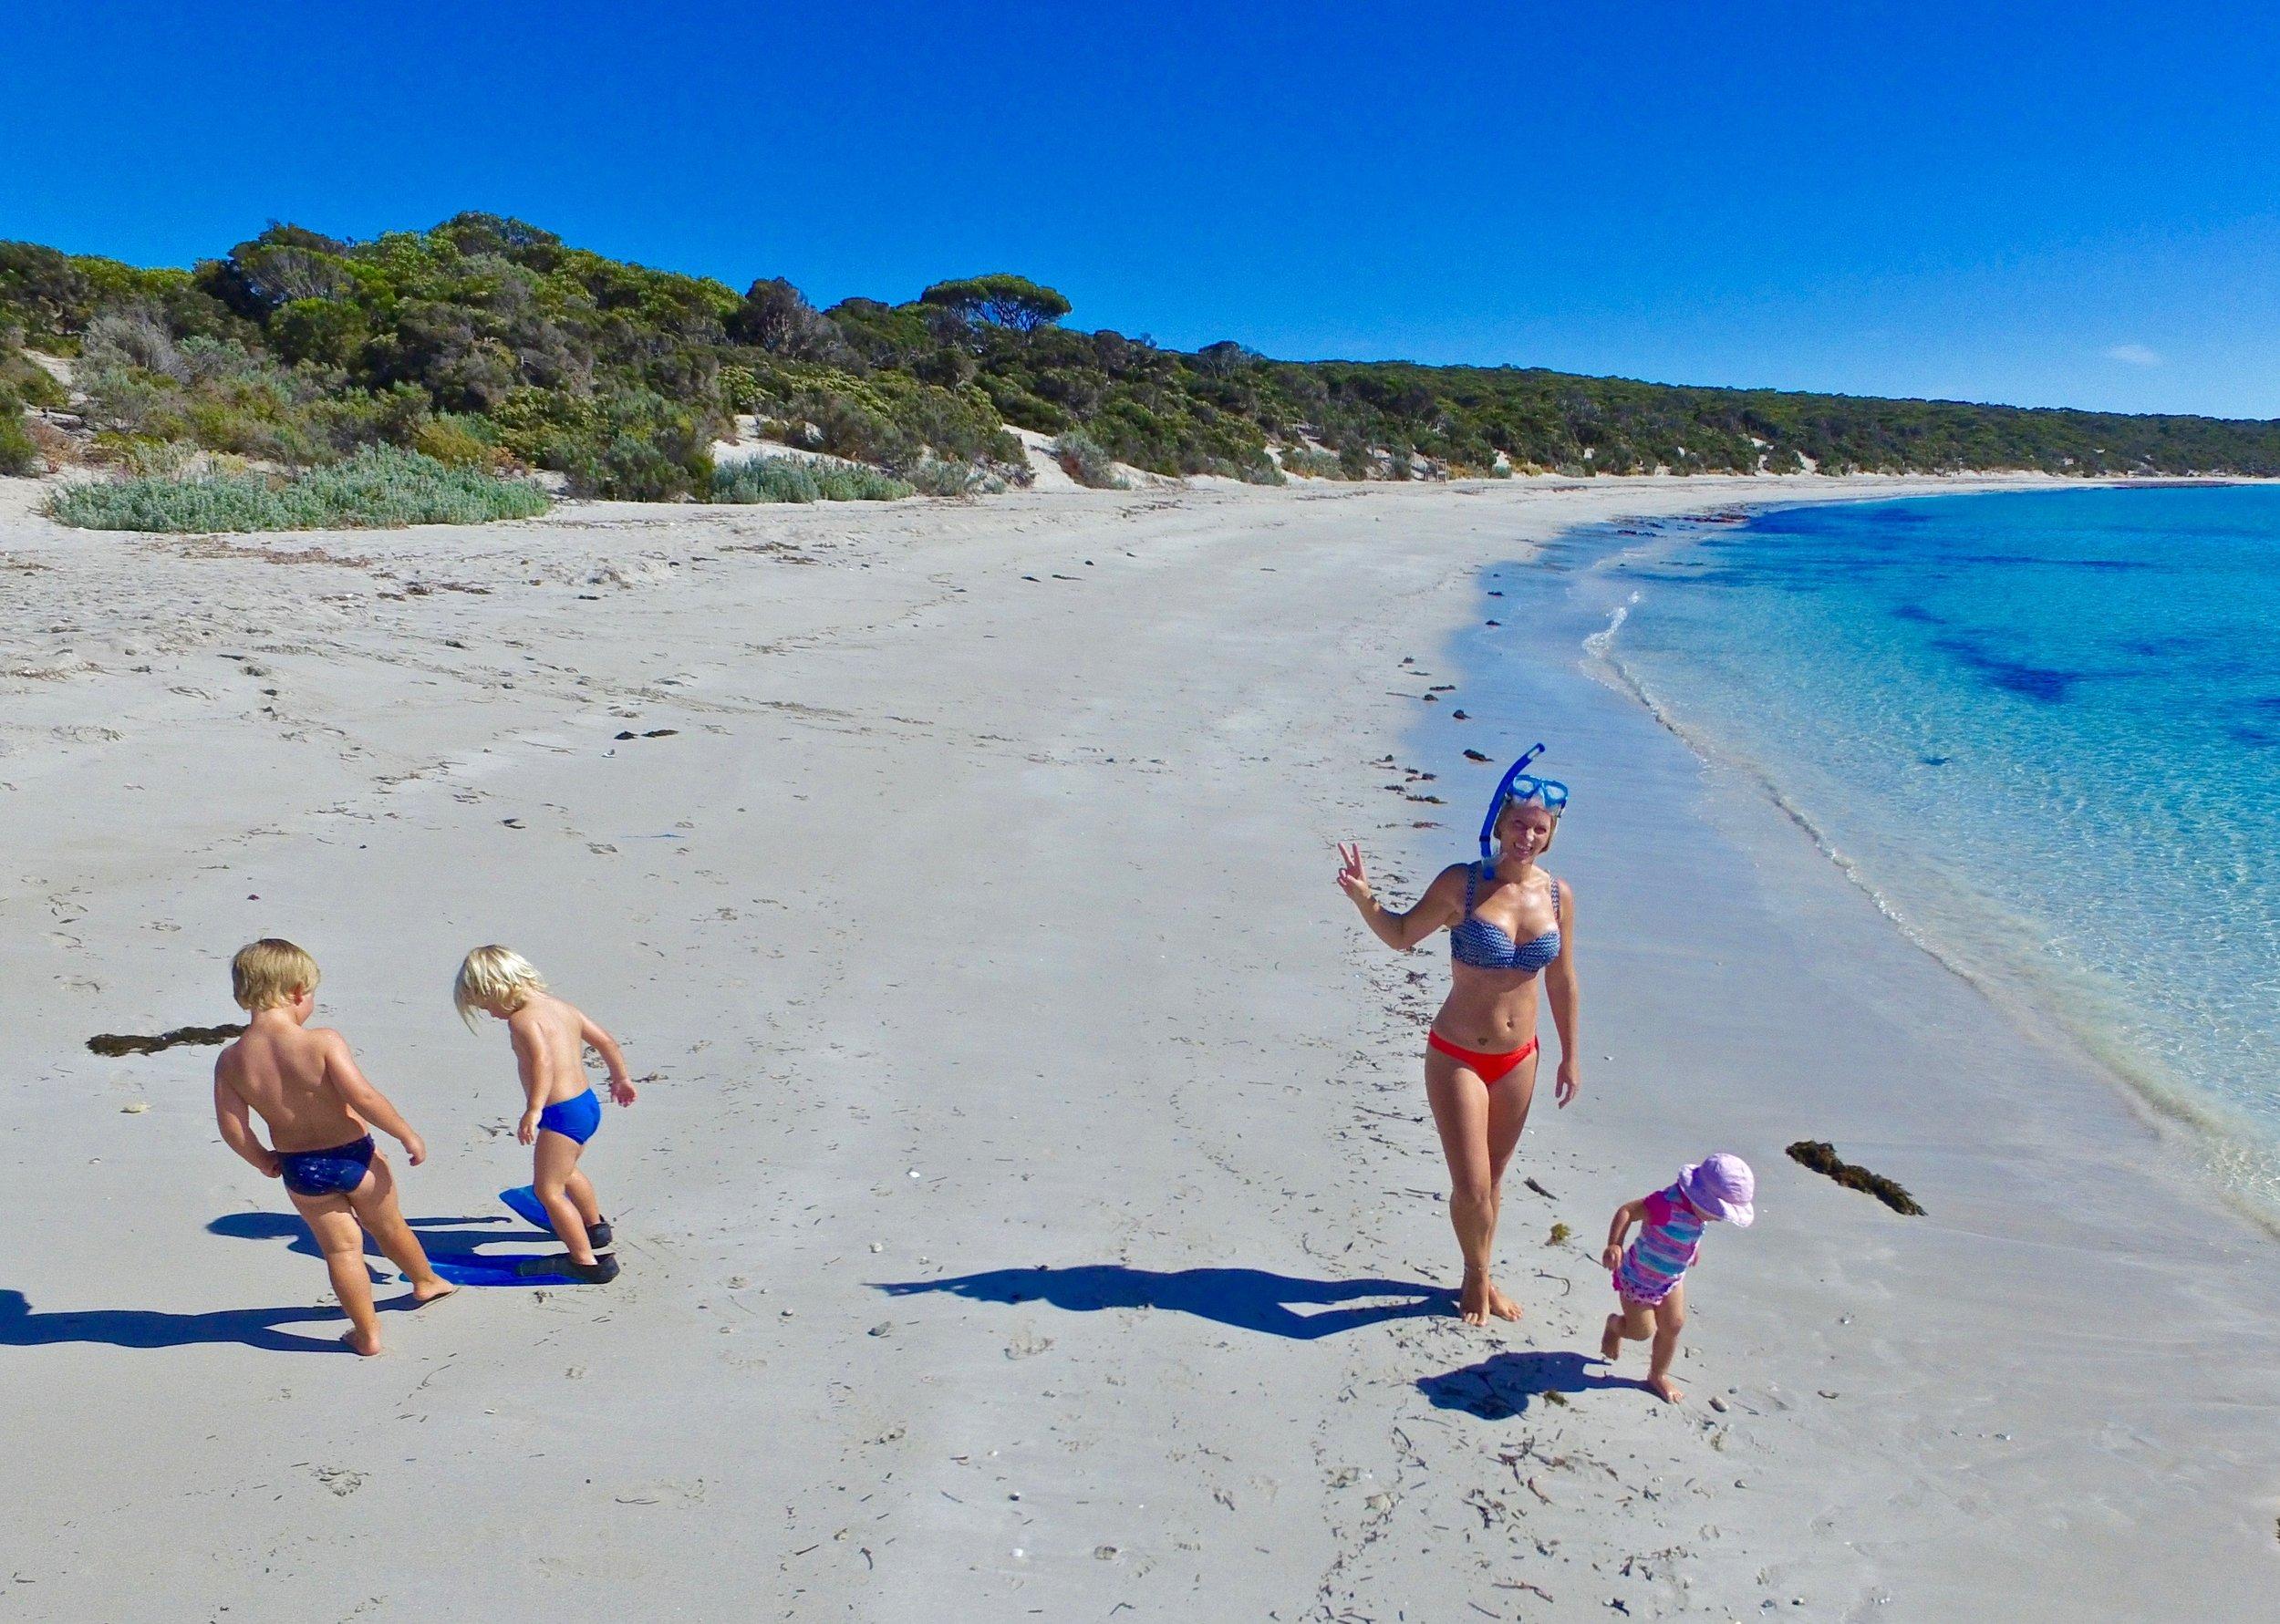 Snorkelling at Port Lincoln National Park, SA.